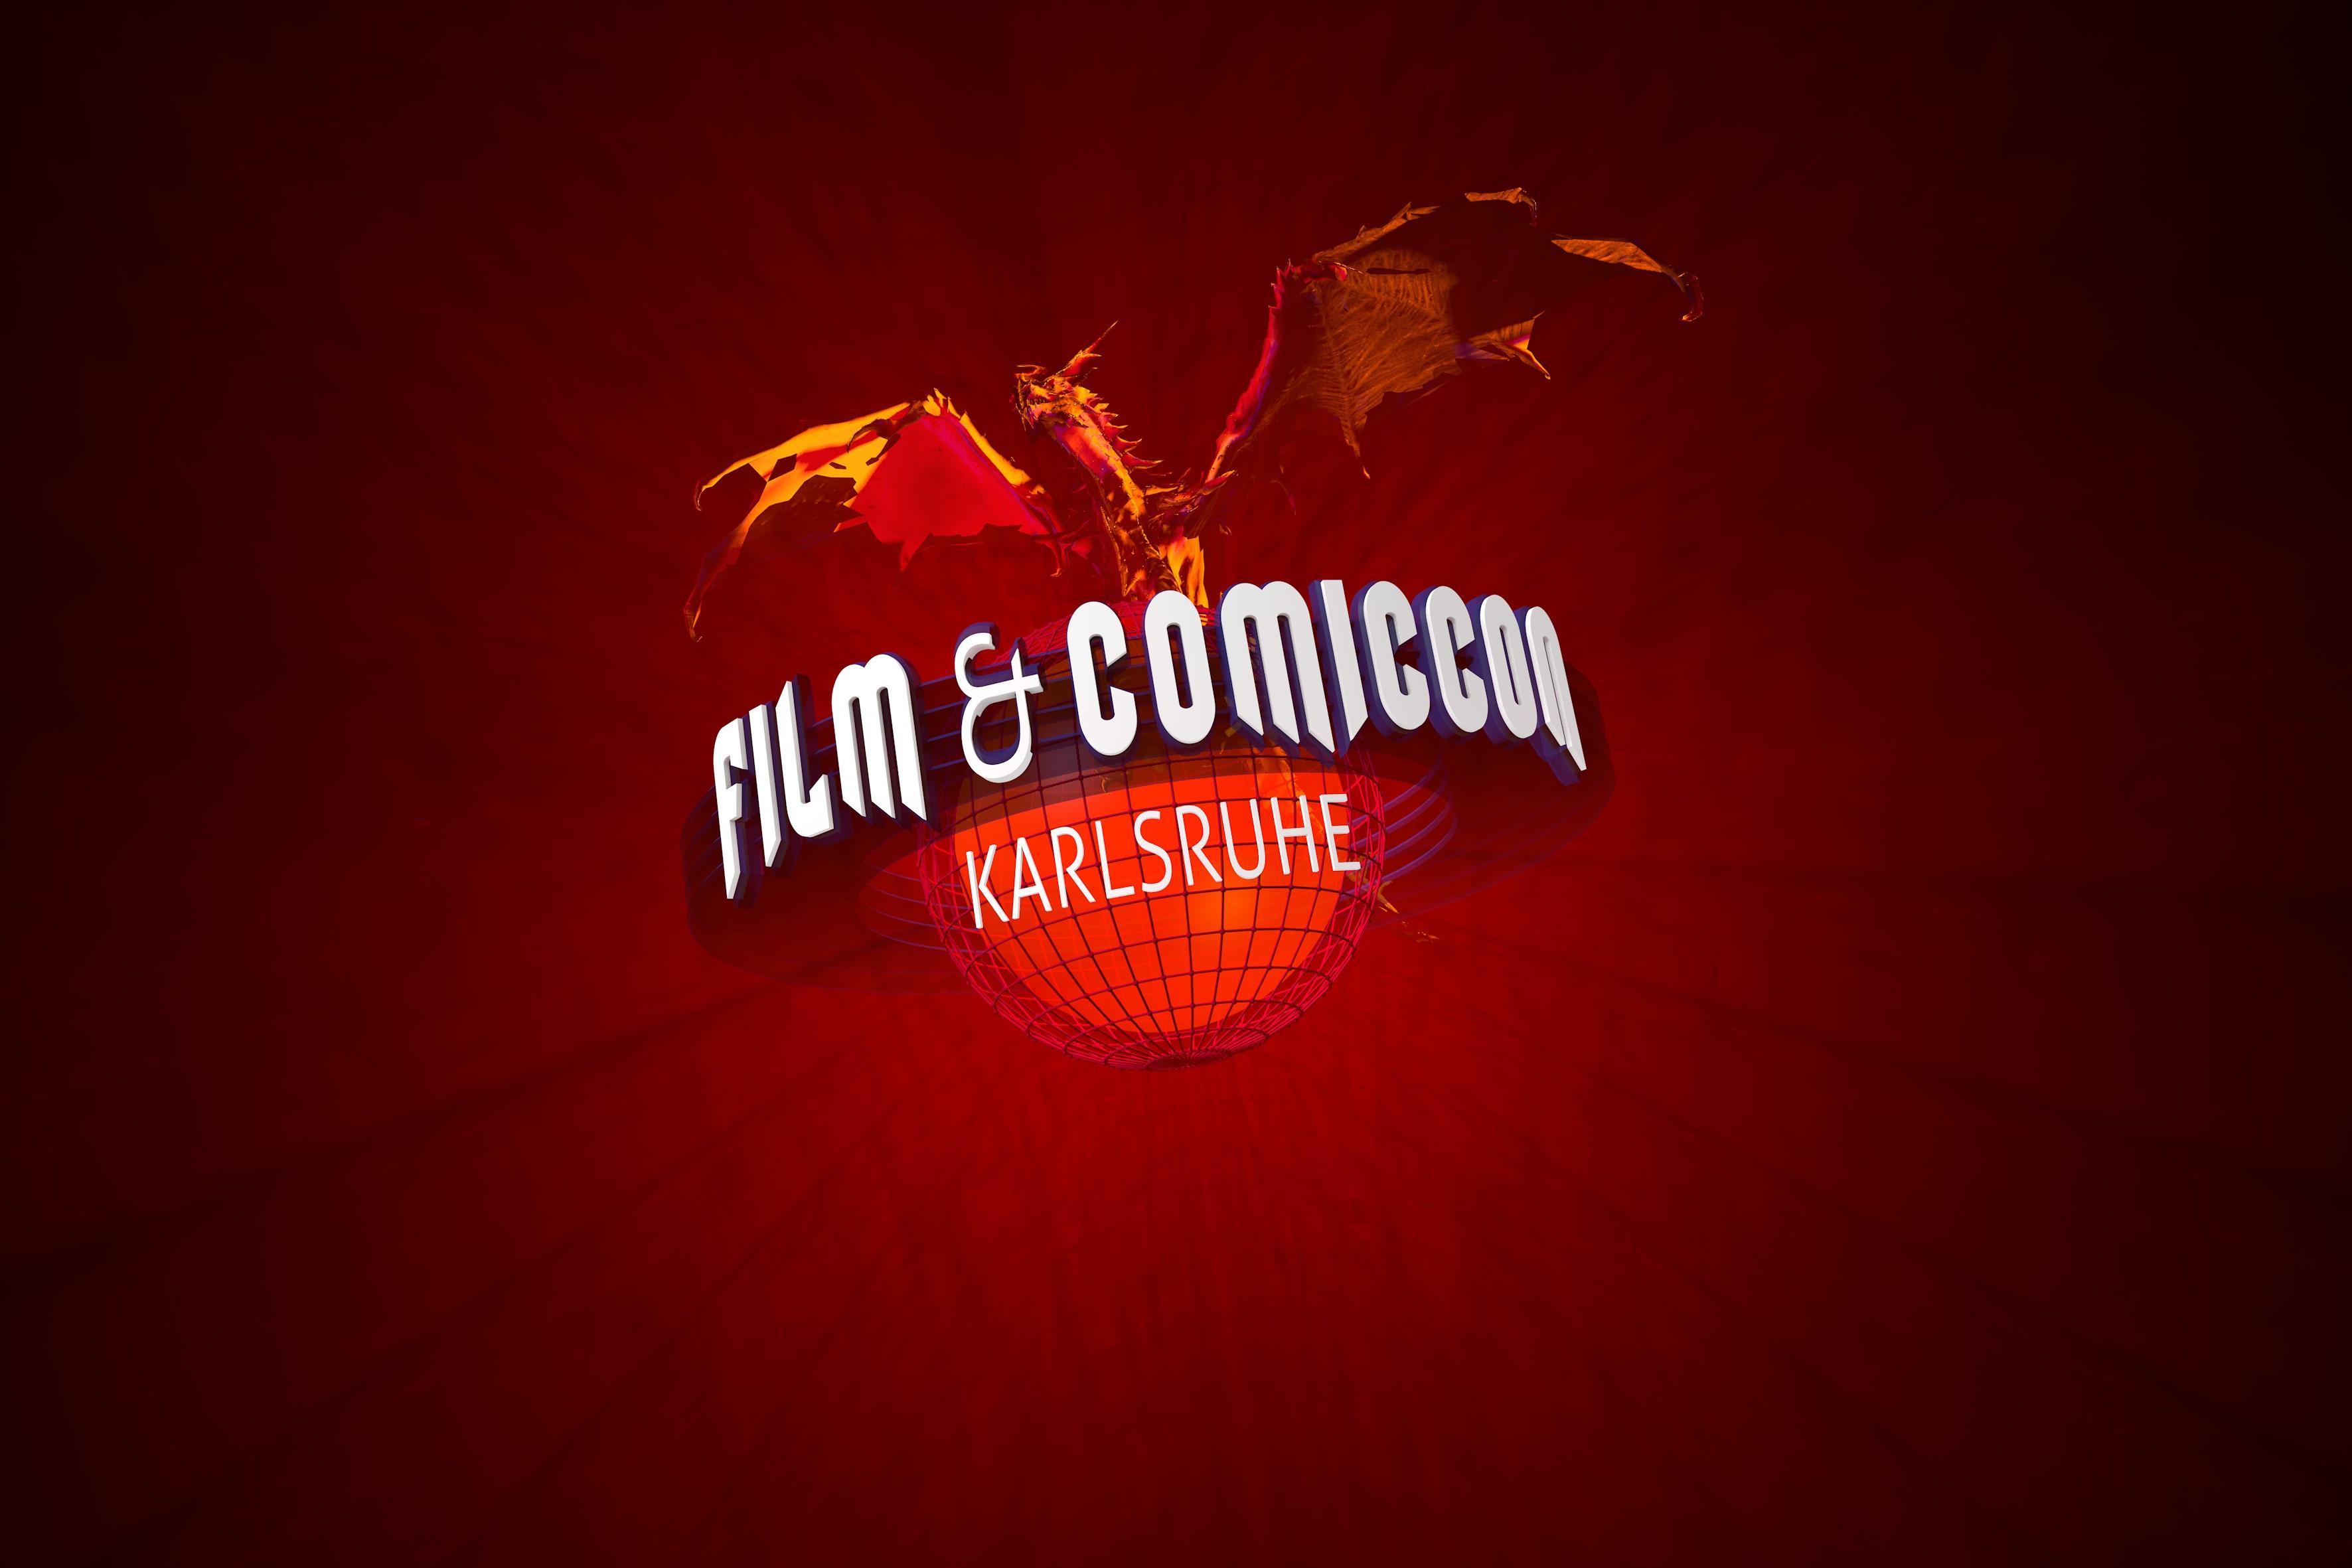 Film Und Comic Con Karlsruhe Kongresszentrum